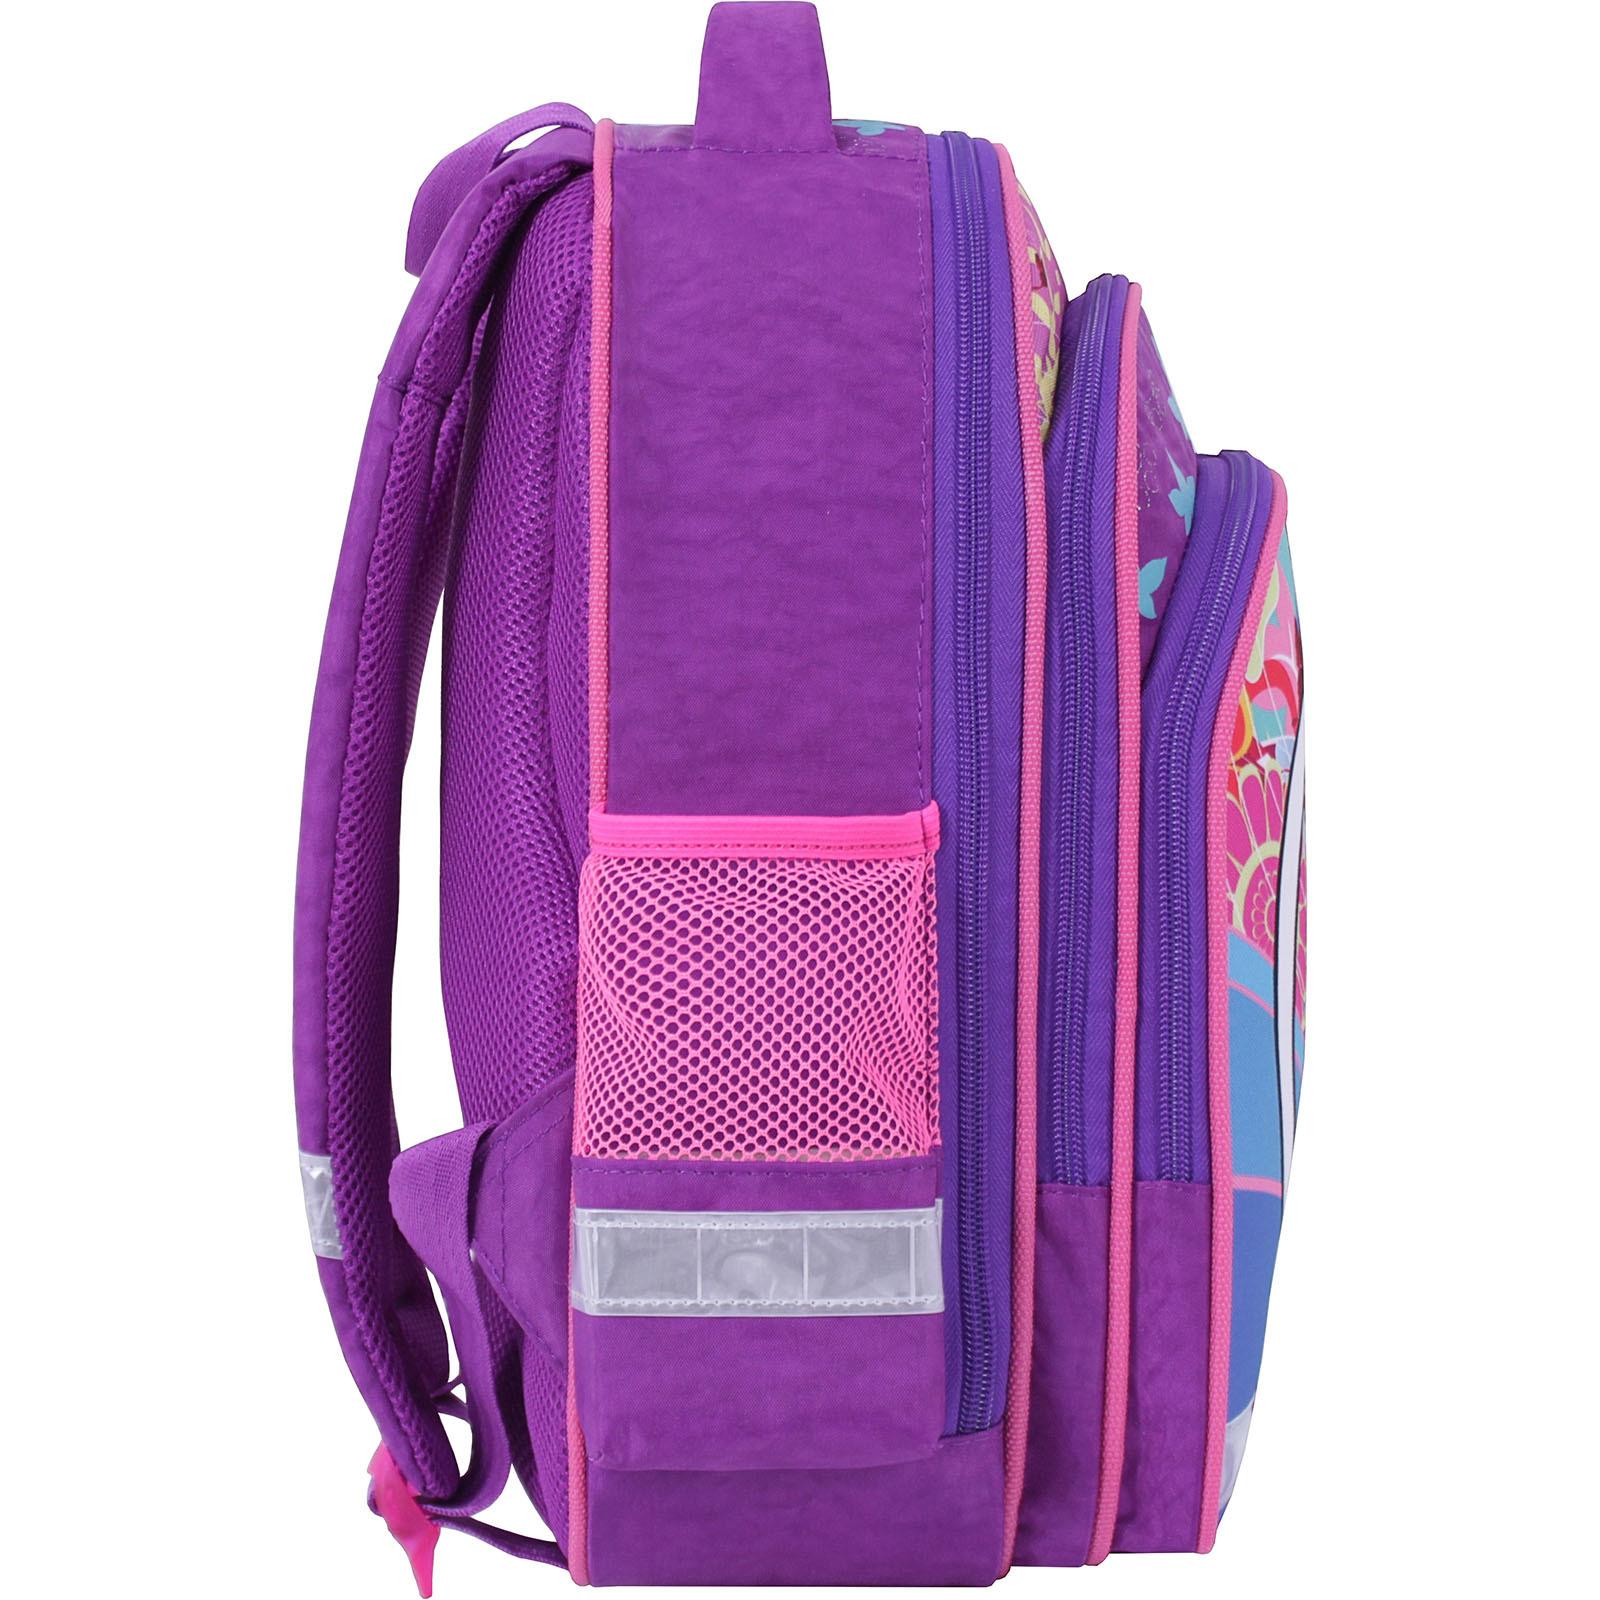 Рюкзак школьный Bagland Mouse 339 фиолетовый 502 (0051370) фото 2